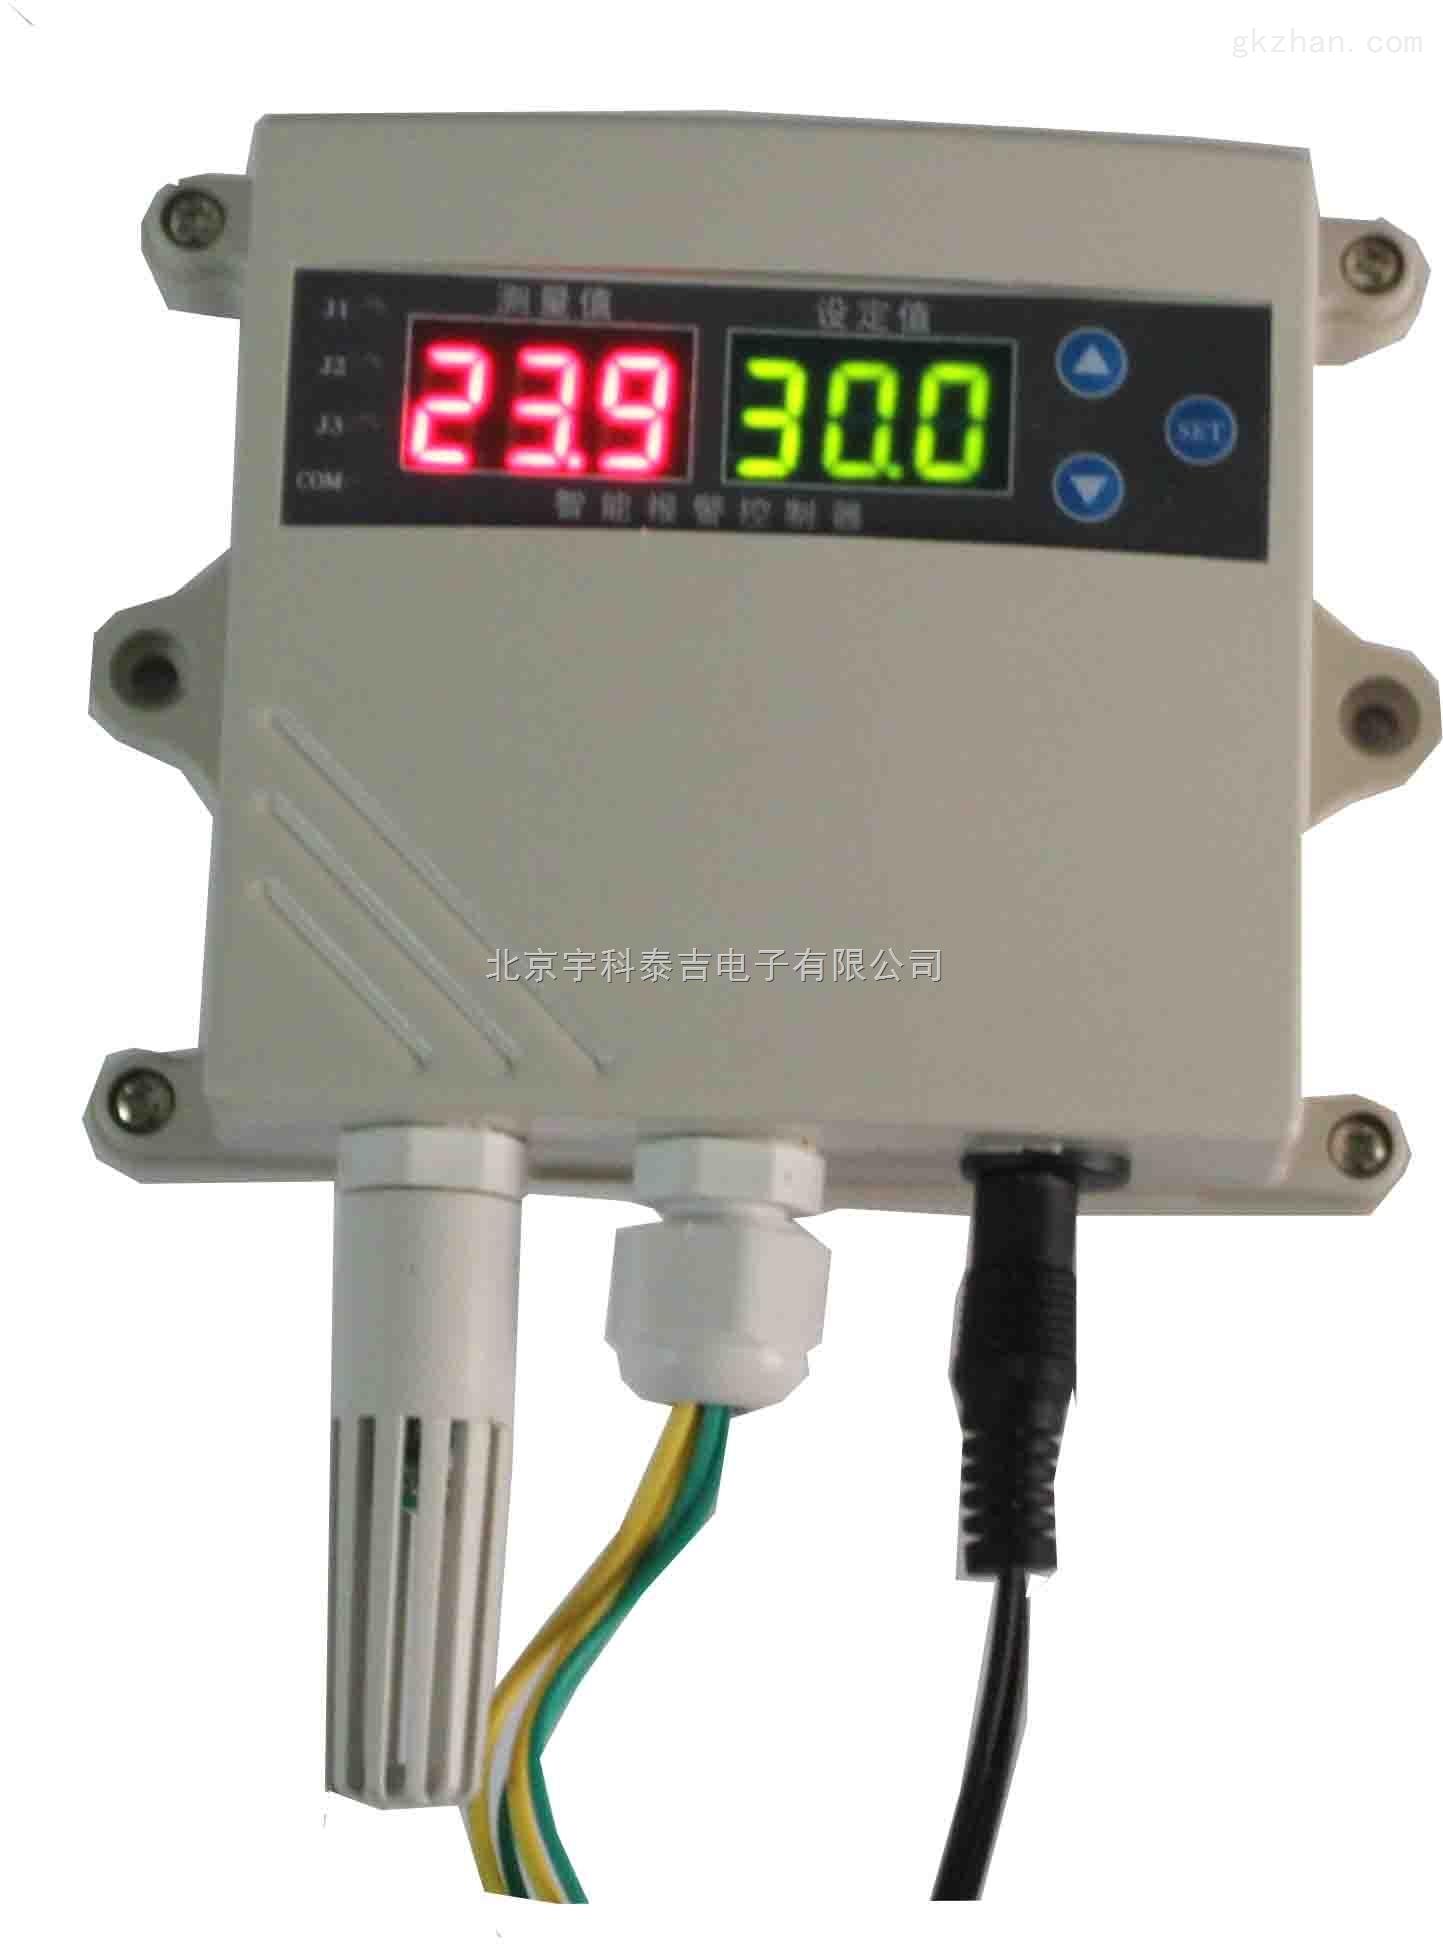 宇科泰吉YK-DSB20-02智能双通道温度采集器